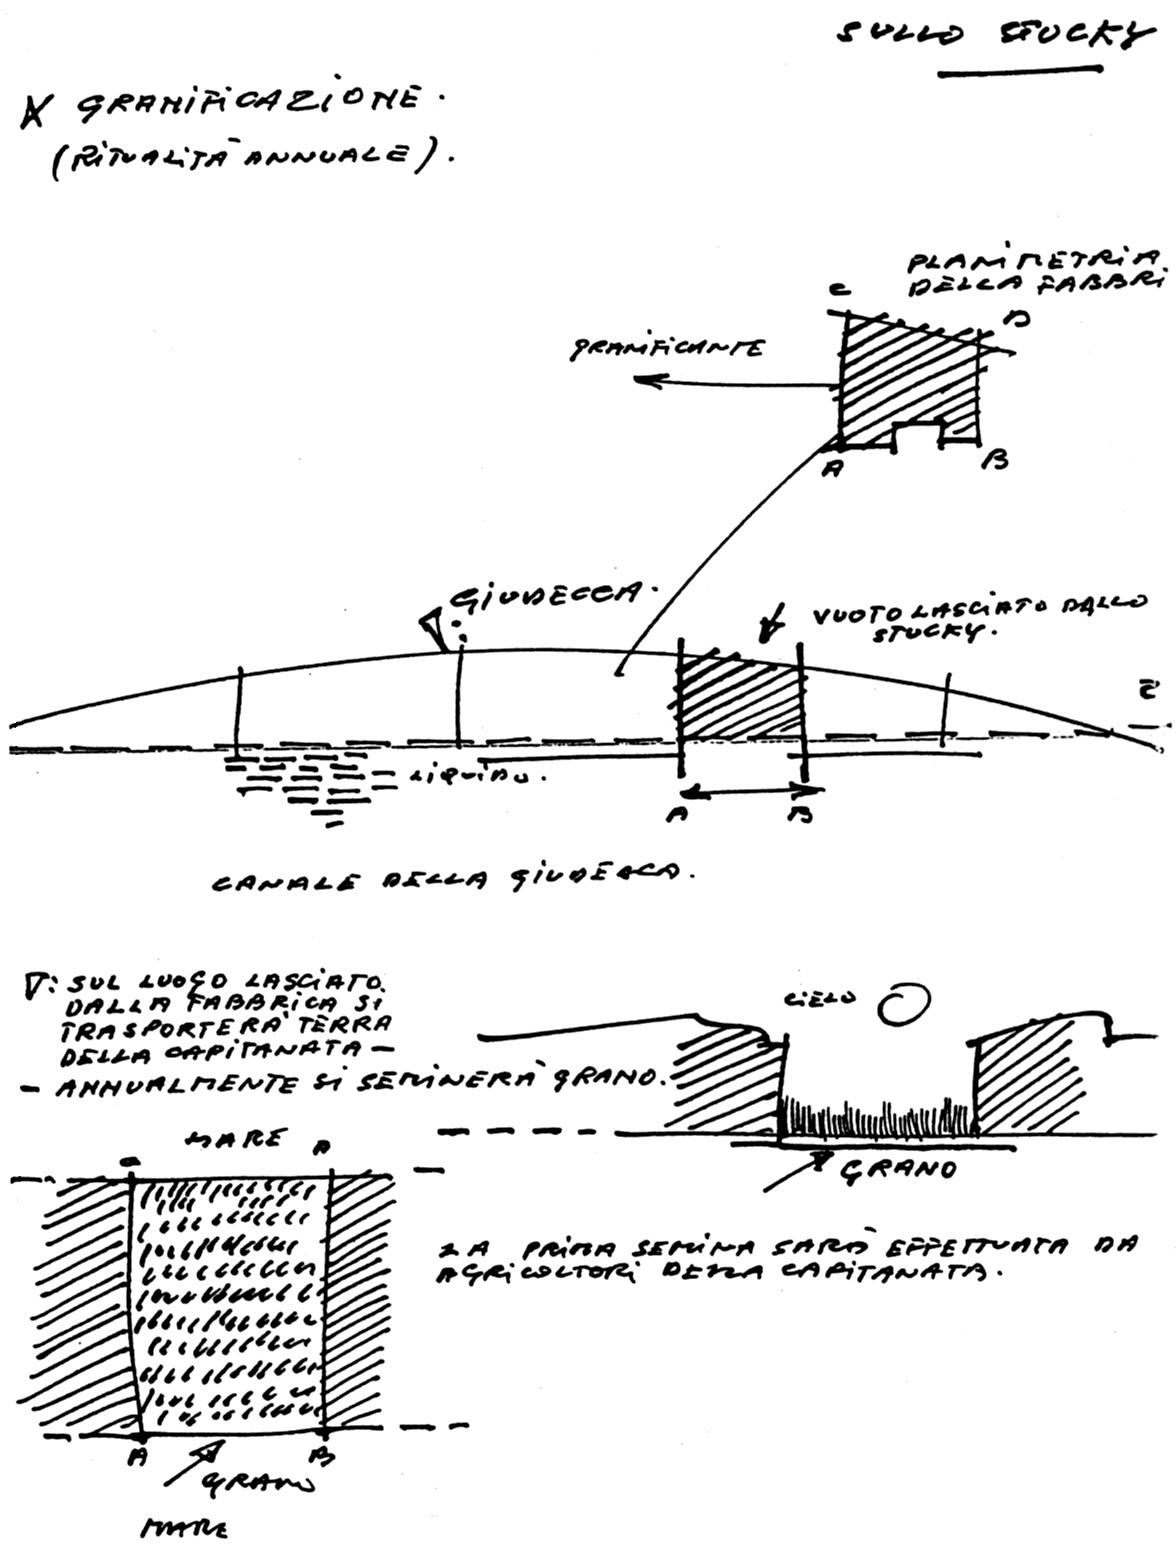 Fasi del Progetto di trasmigrazione del Molino - 5